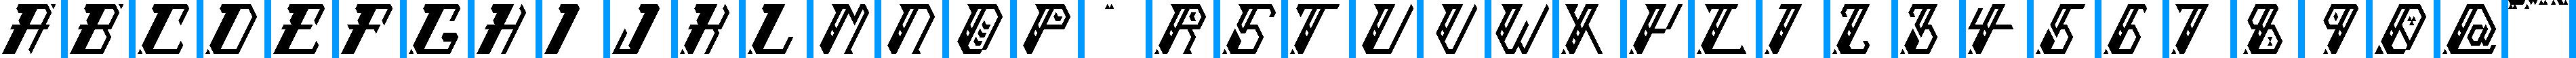 Particip-a-type v.288